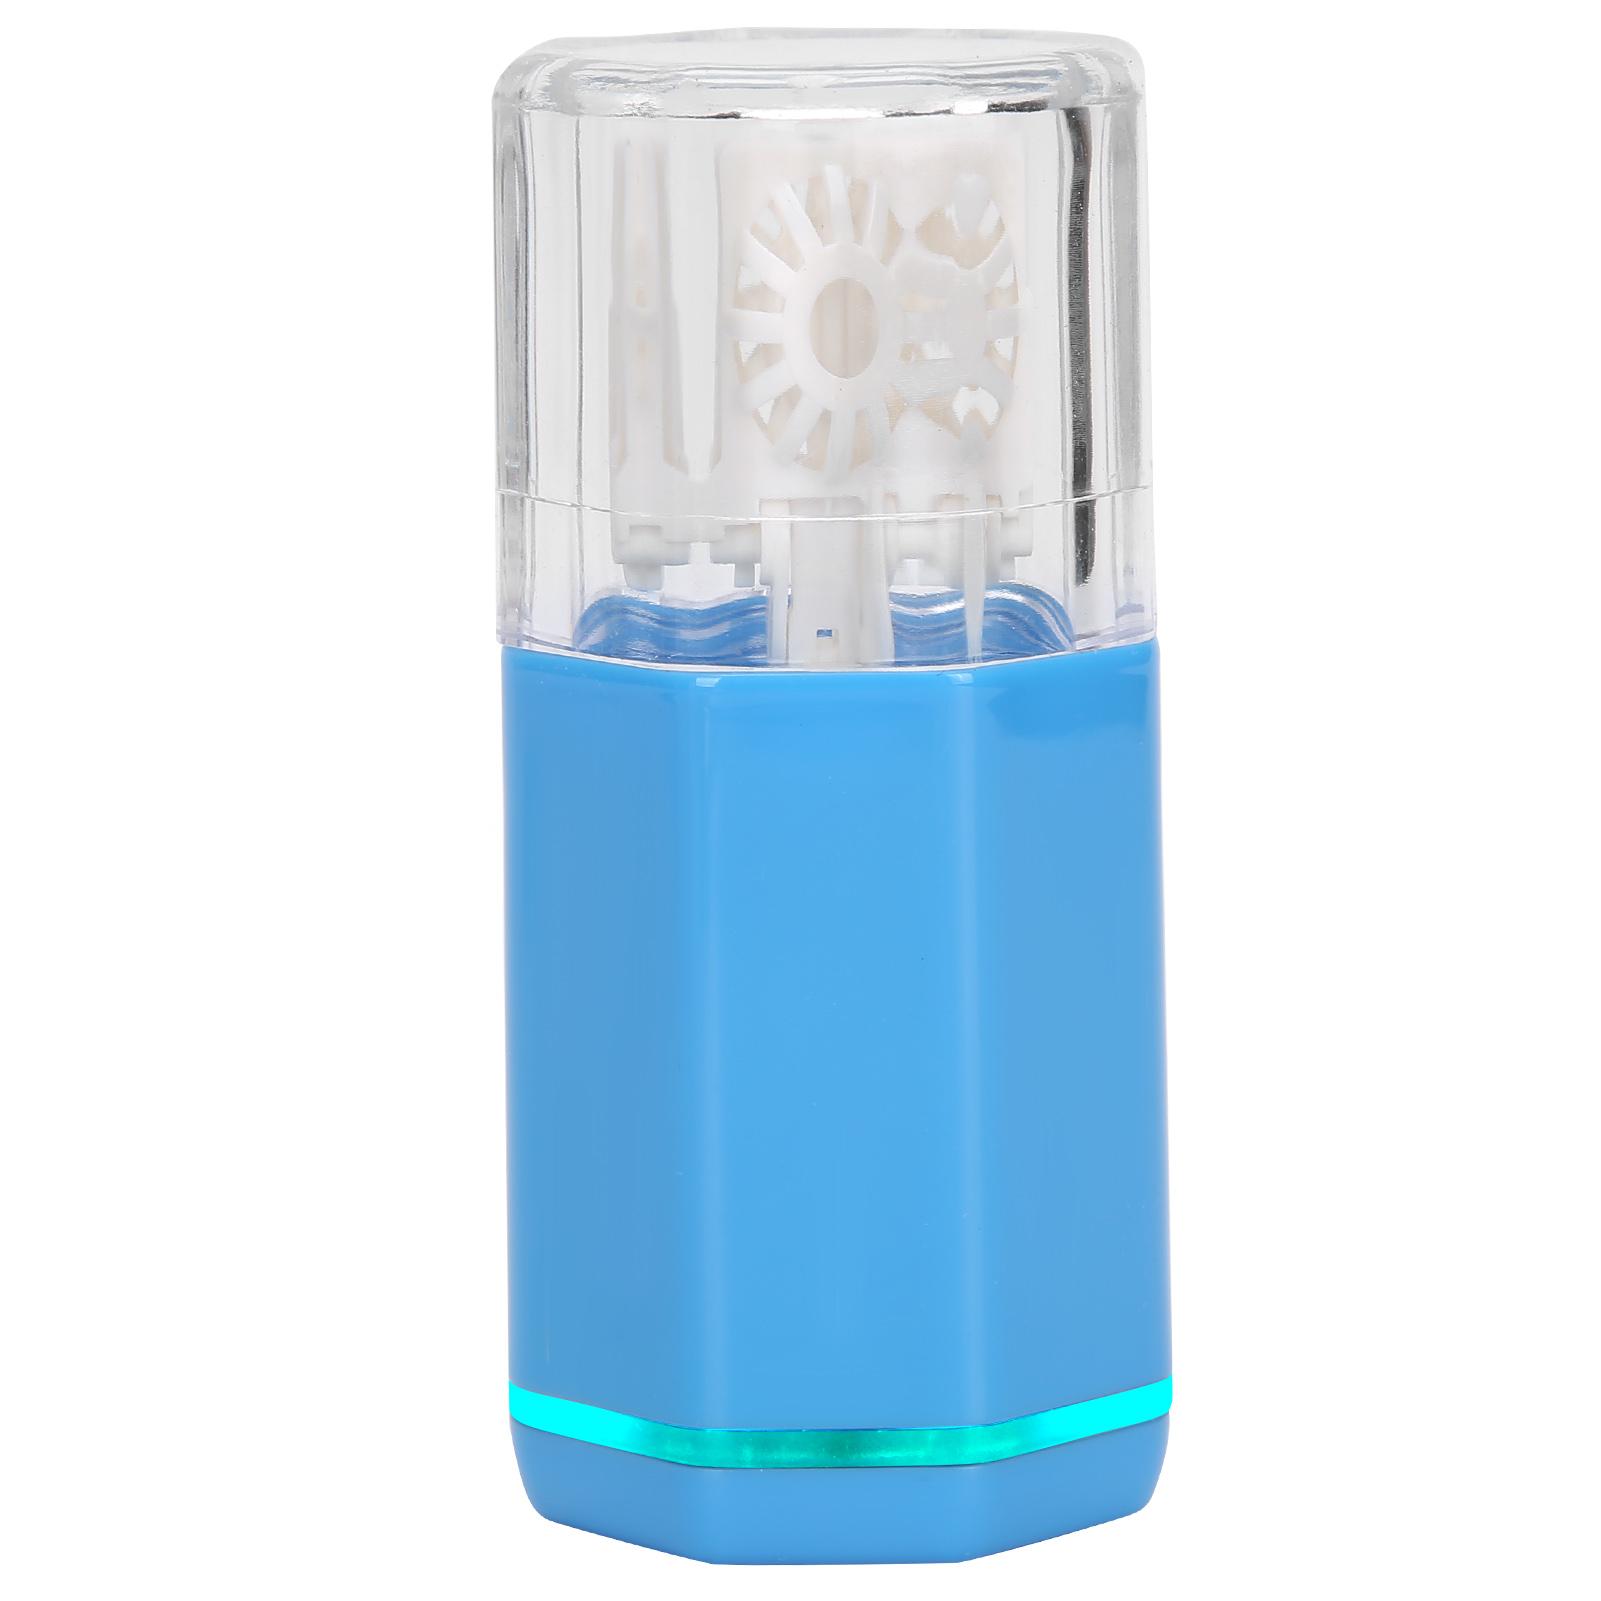 miniatura 27 - Portatile Auto ad ultrasuoni Lavatrice Pulitore Lenti a contatto quotidiano cura i dispositivi di pulizia